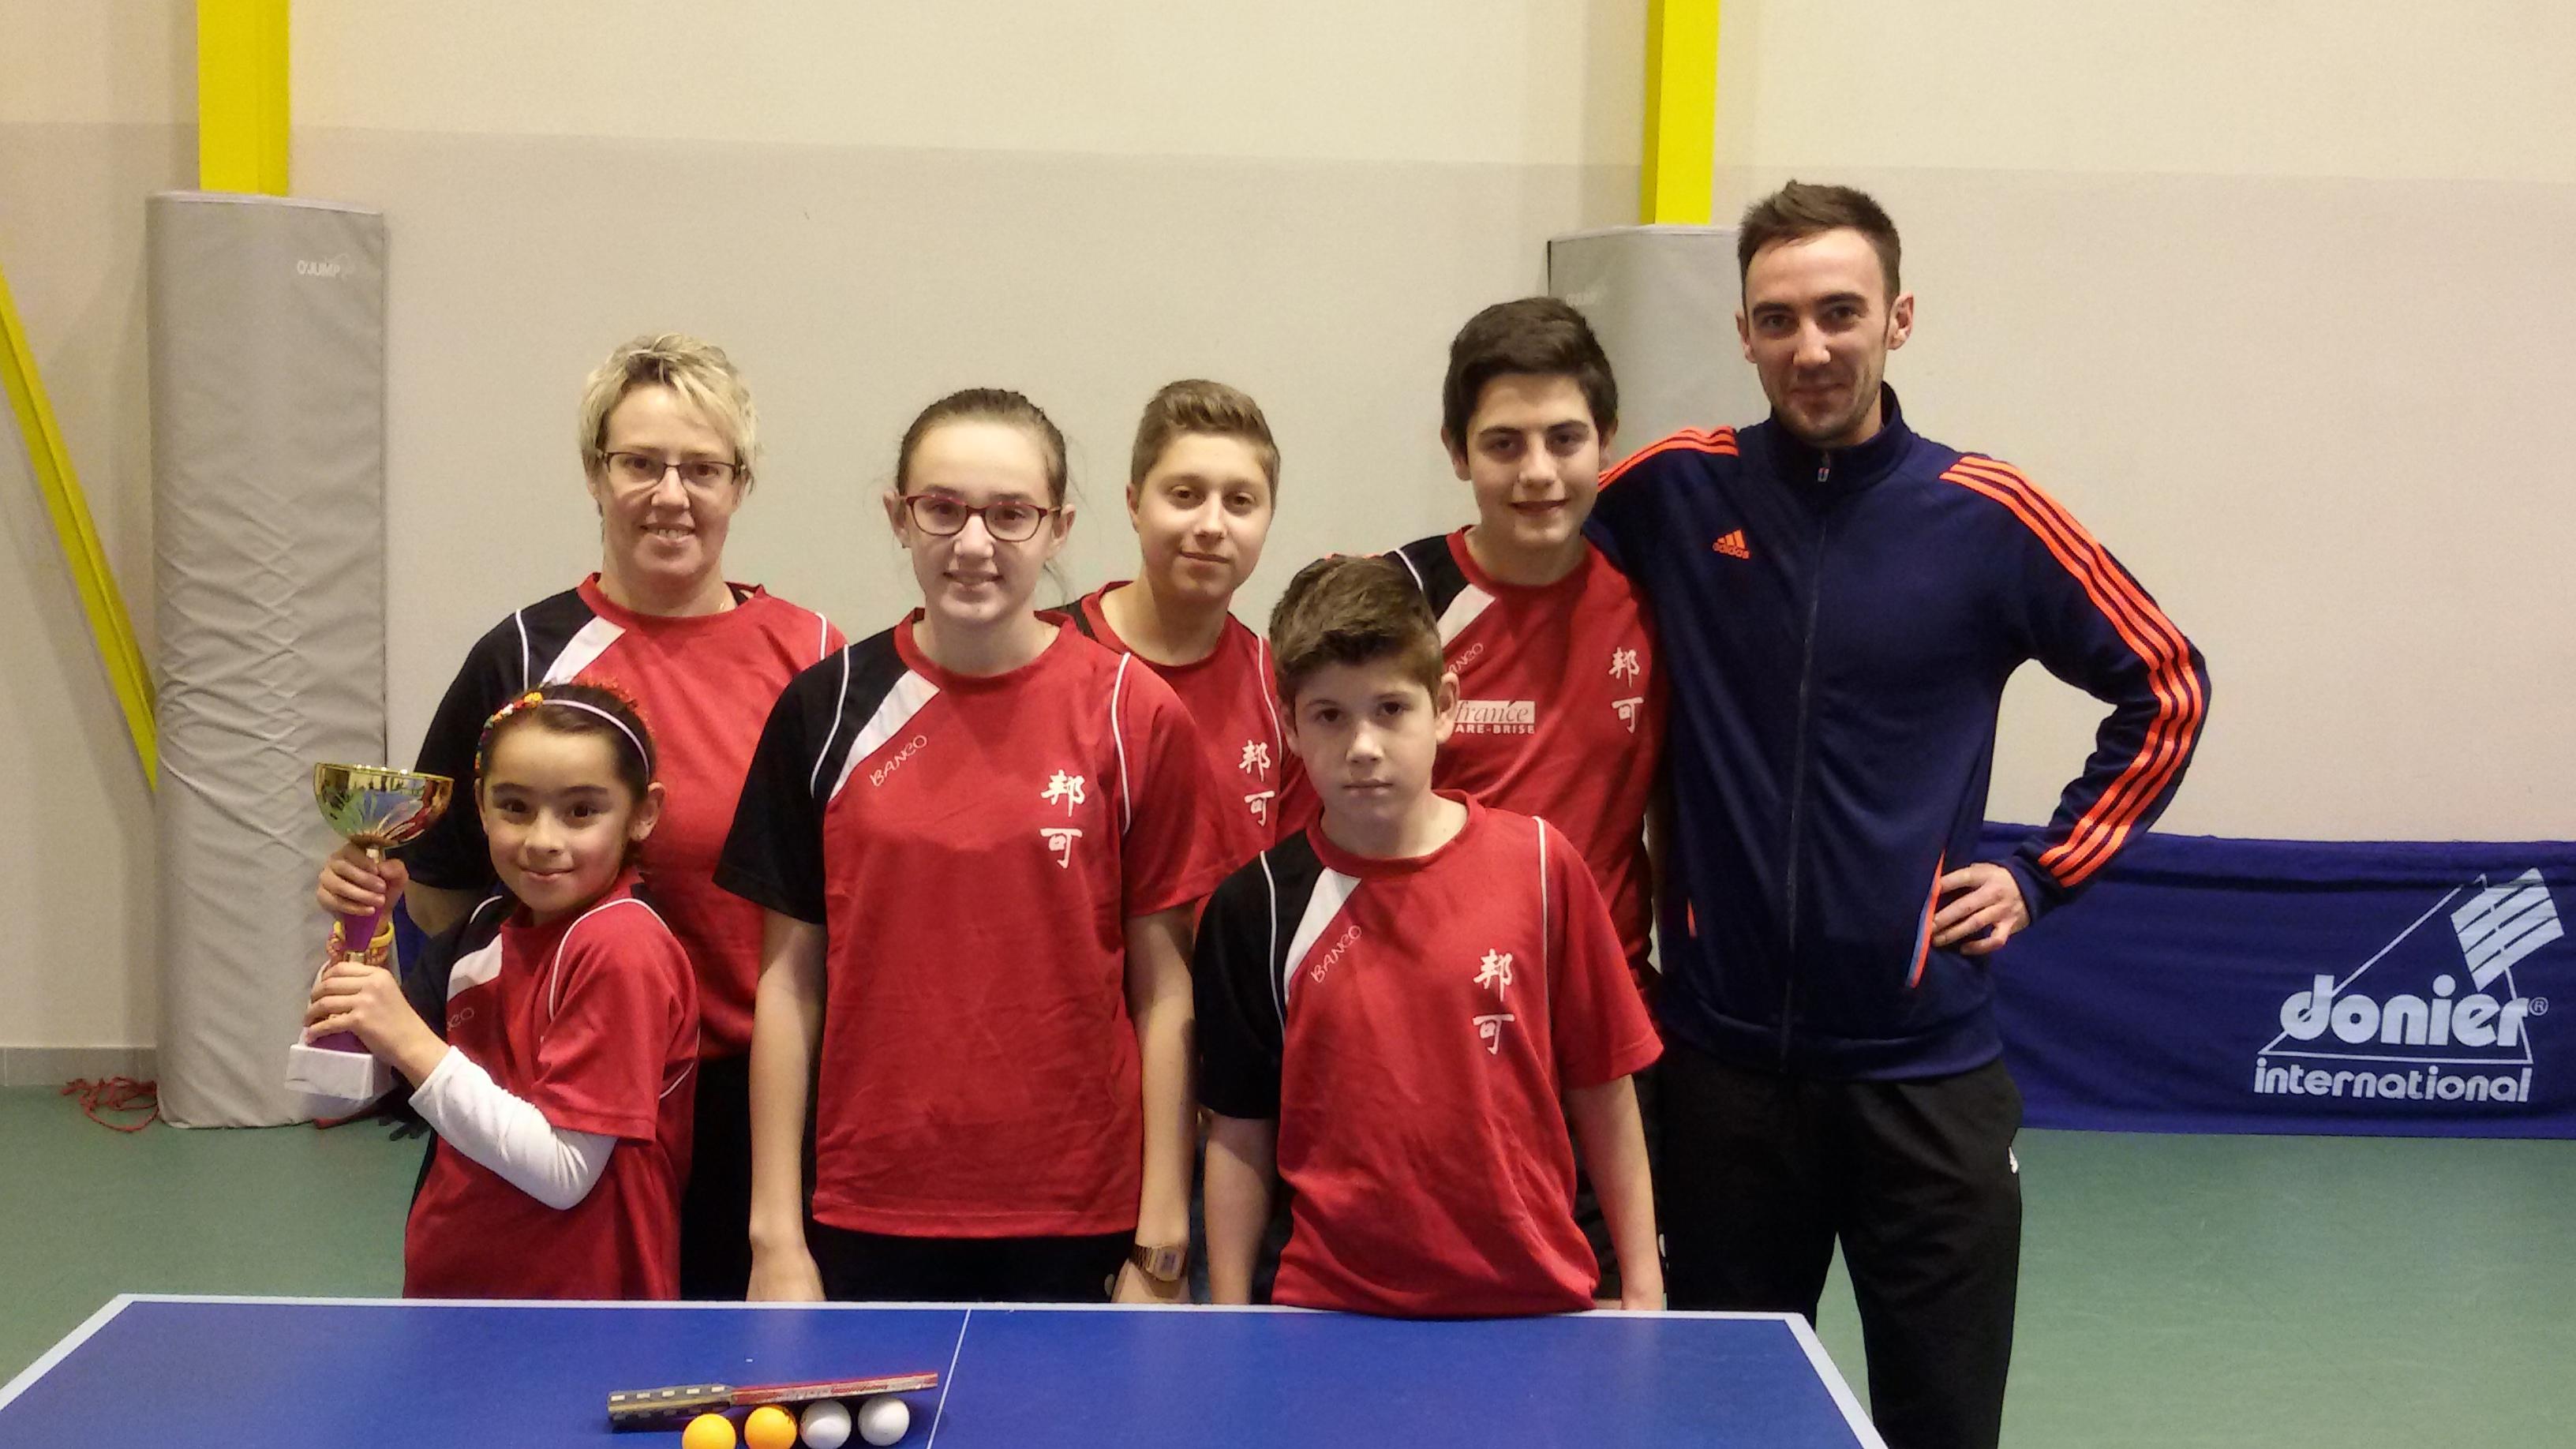 De gauche à droite : Vanessa Gomez, Isabelle Poursine, Morgane Poursine, Florian De Angeli, Maxence Rouger, Clément Andreu et Thomas Saez (entraineur).